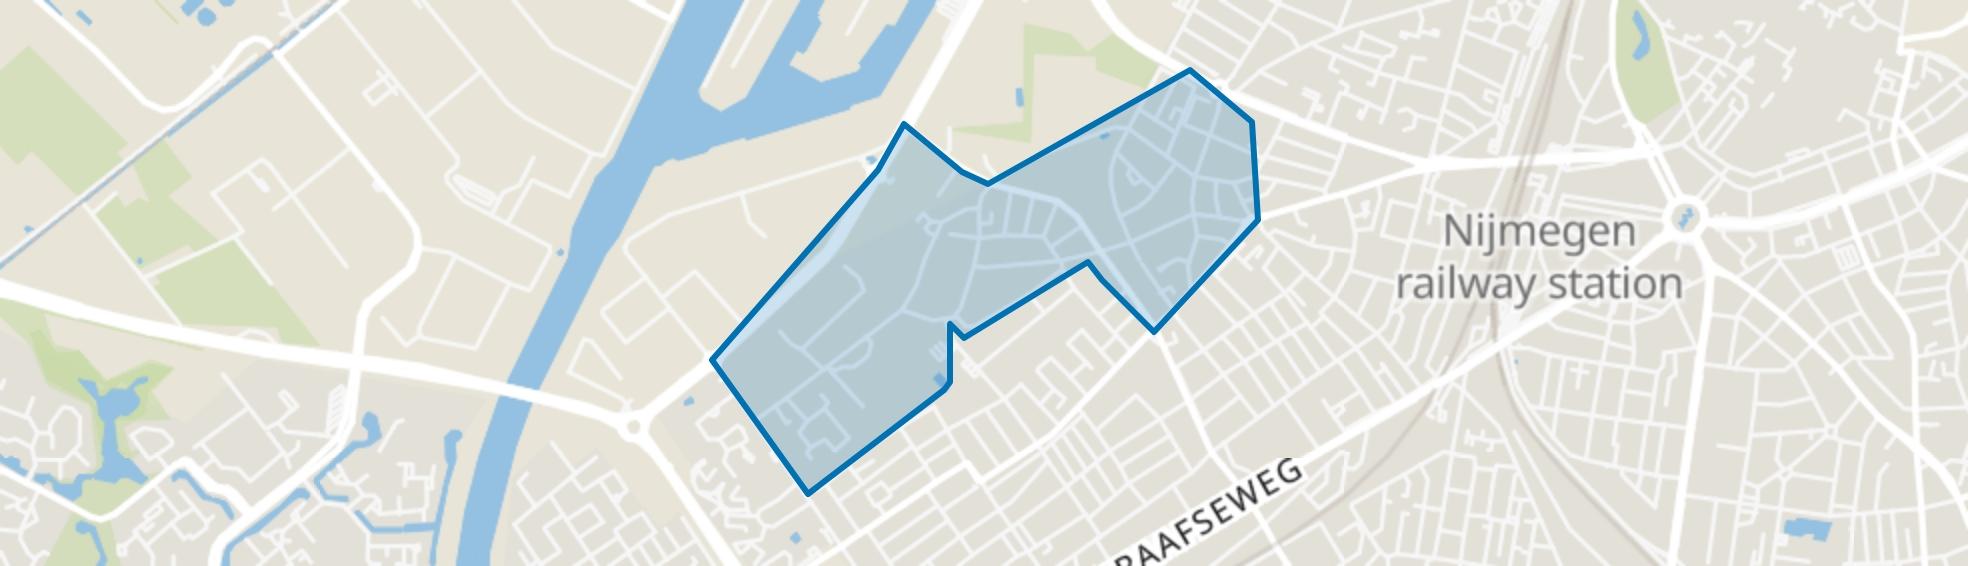 Hees, Nijmegen map